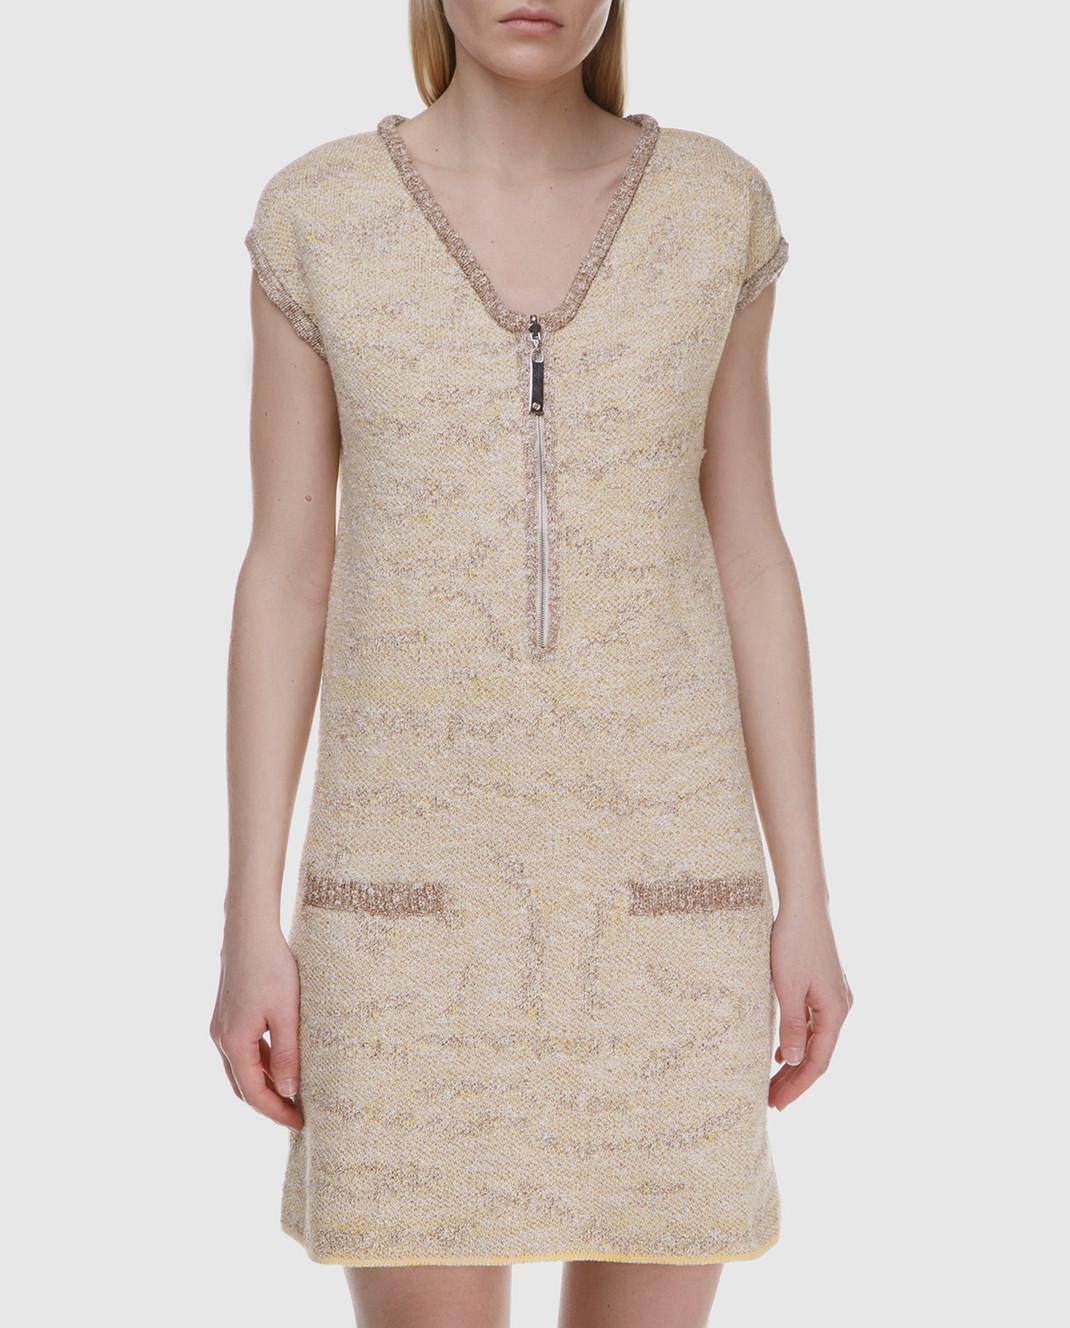 Maison Ullens Двустороннее платье DRE070 изображение 4